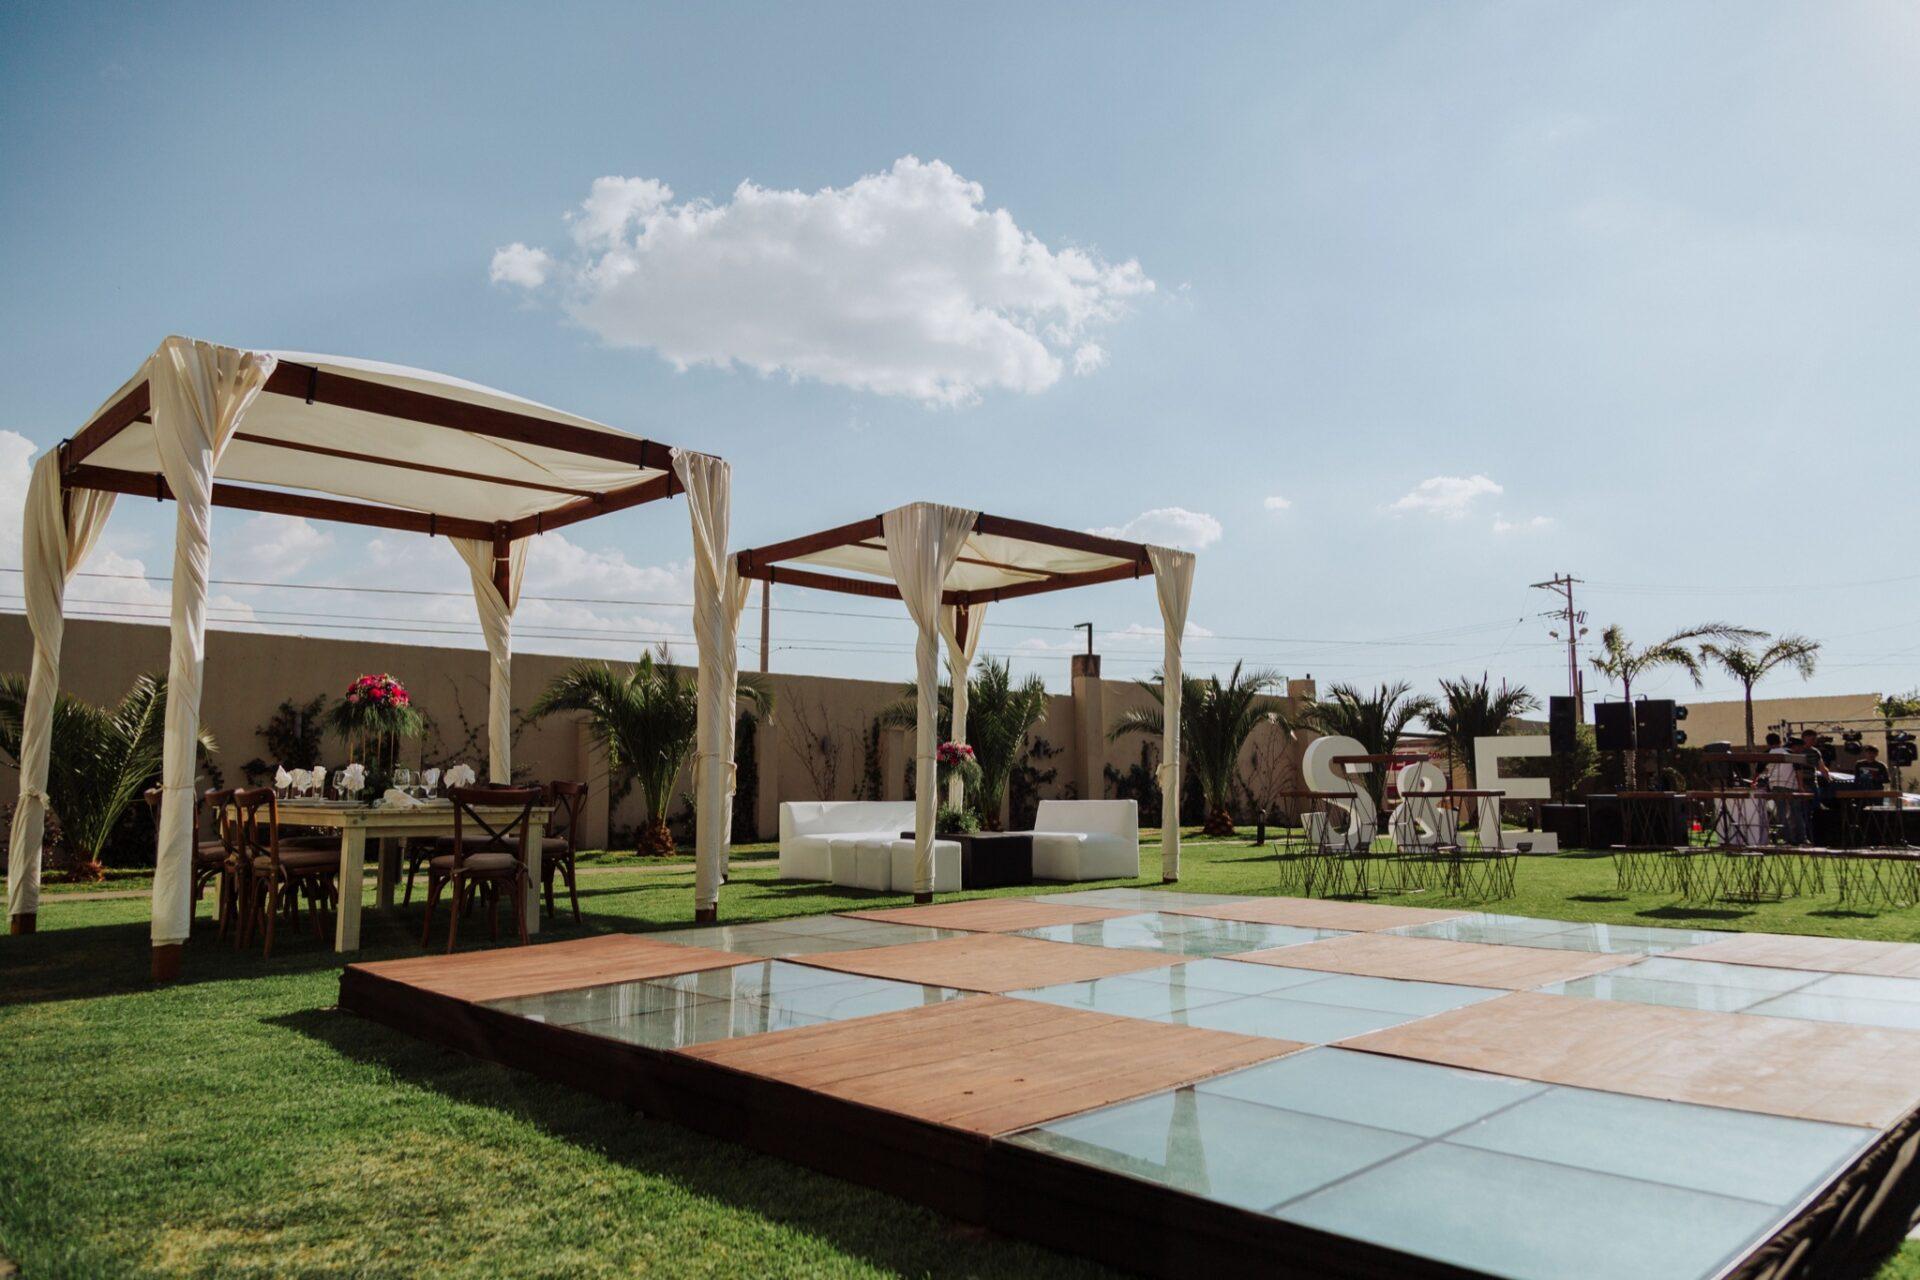 javier_noriega_fotografo_bodas_alicia_garden_zacatecas_wedding_photographer4